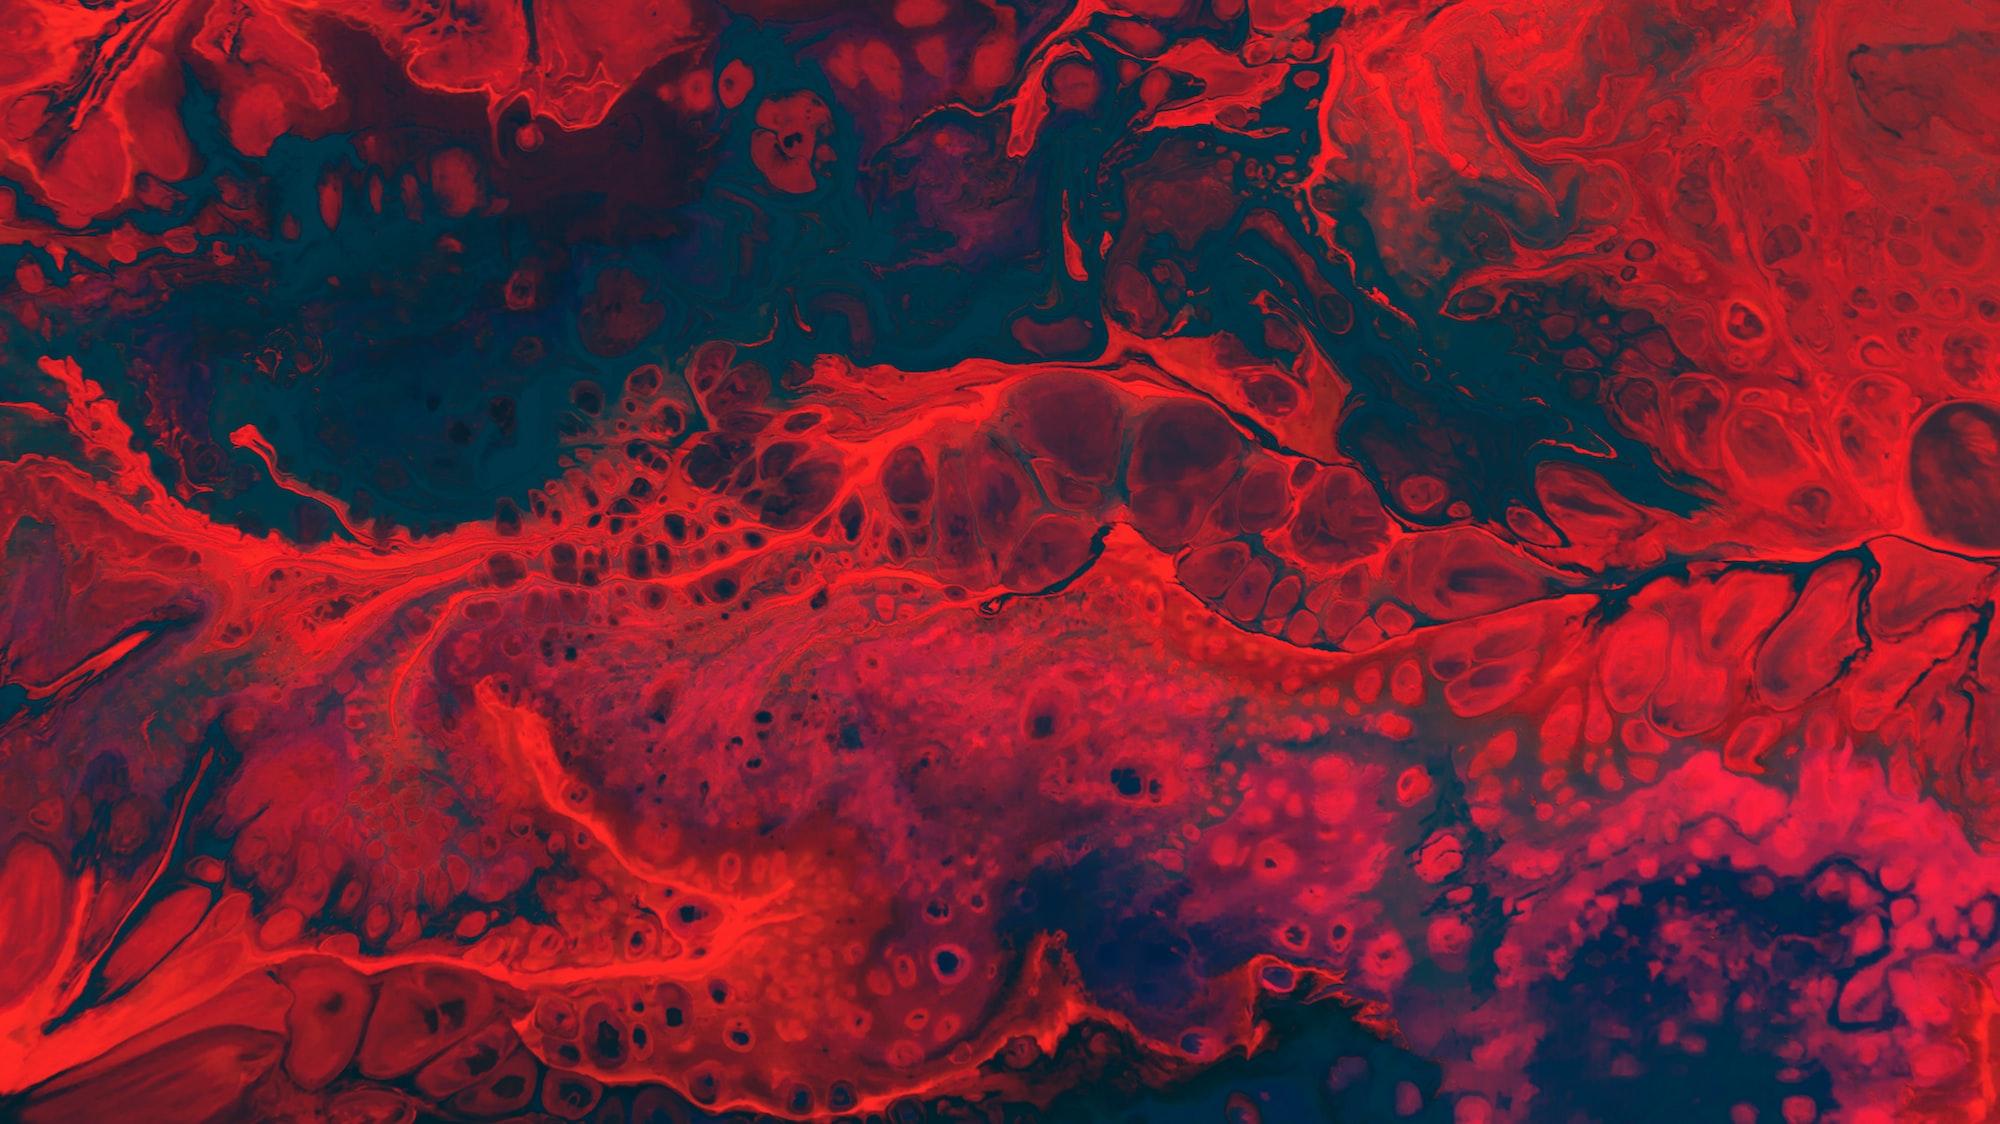 Jangan Panik Lihat Darah Menstruasi Membeku